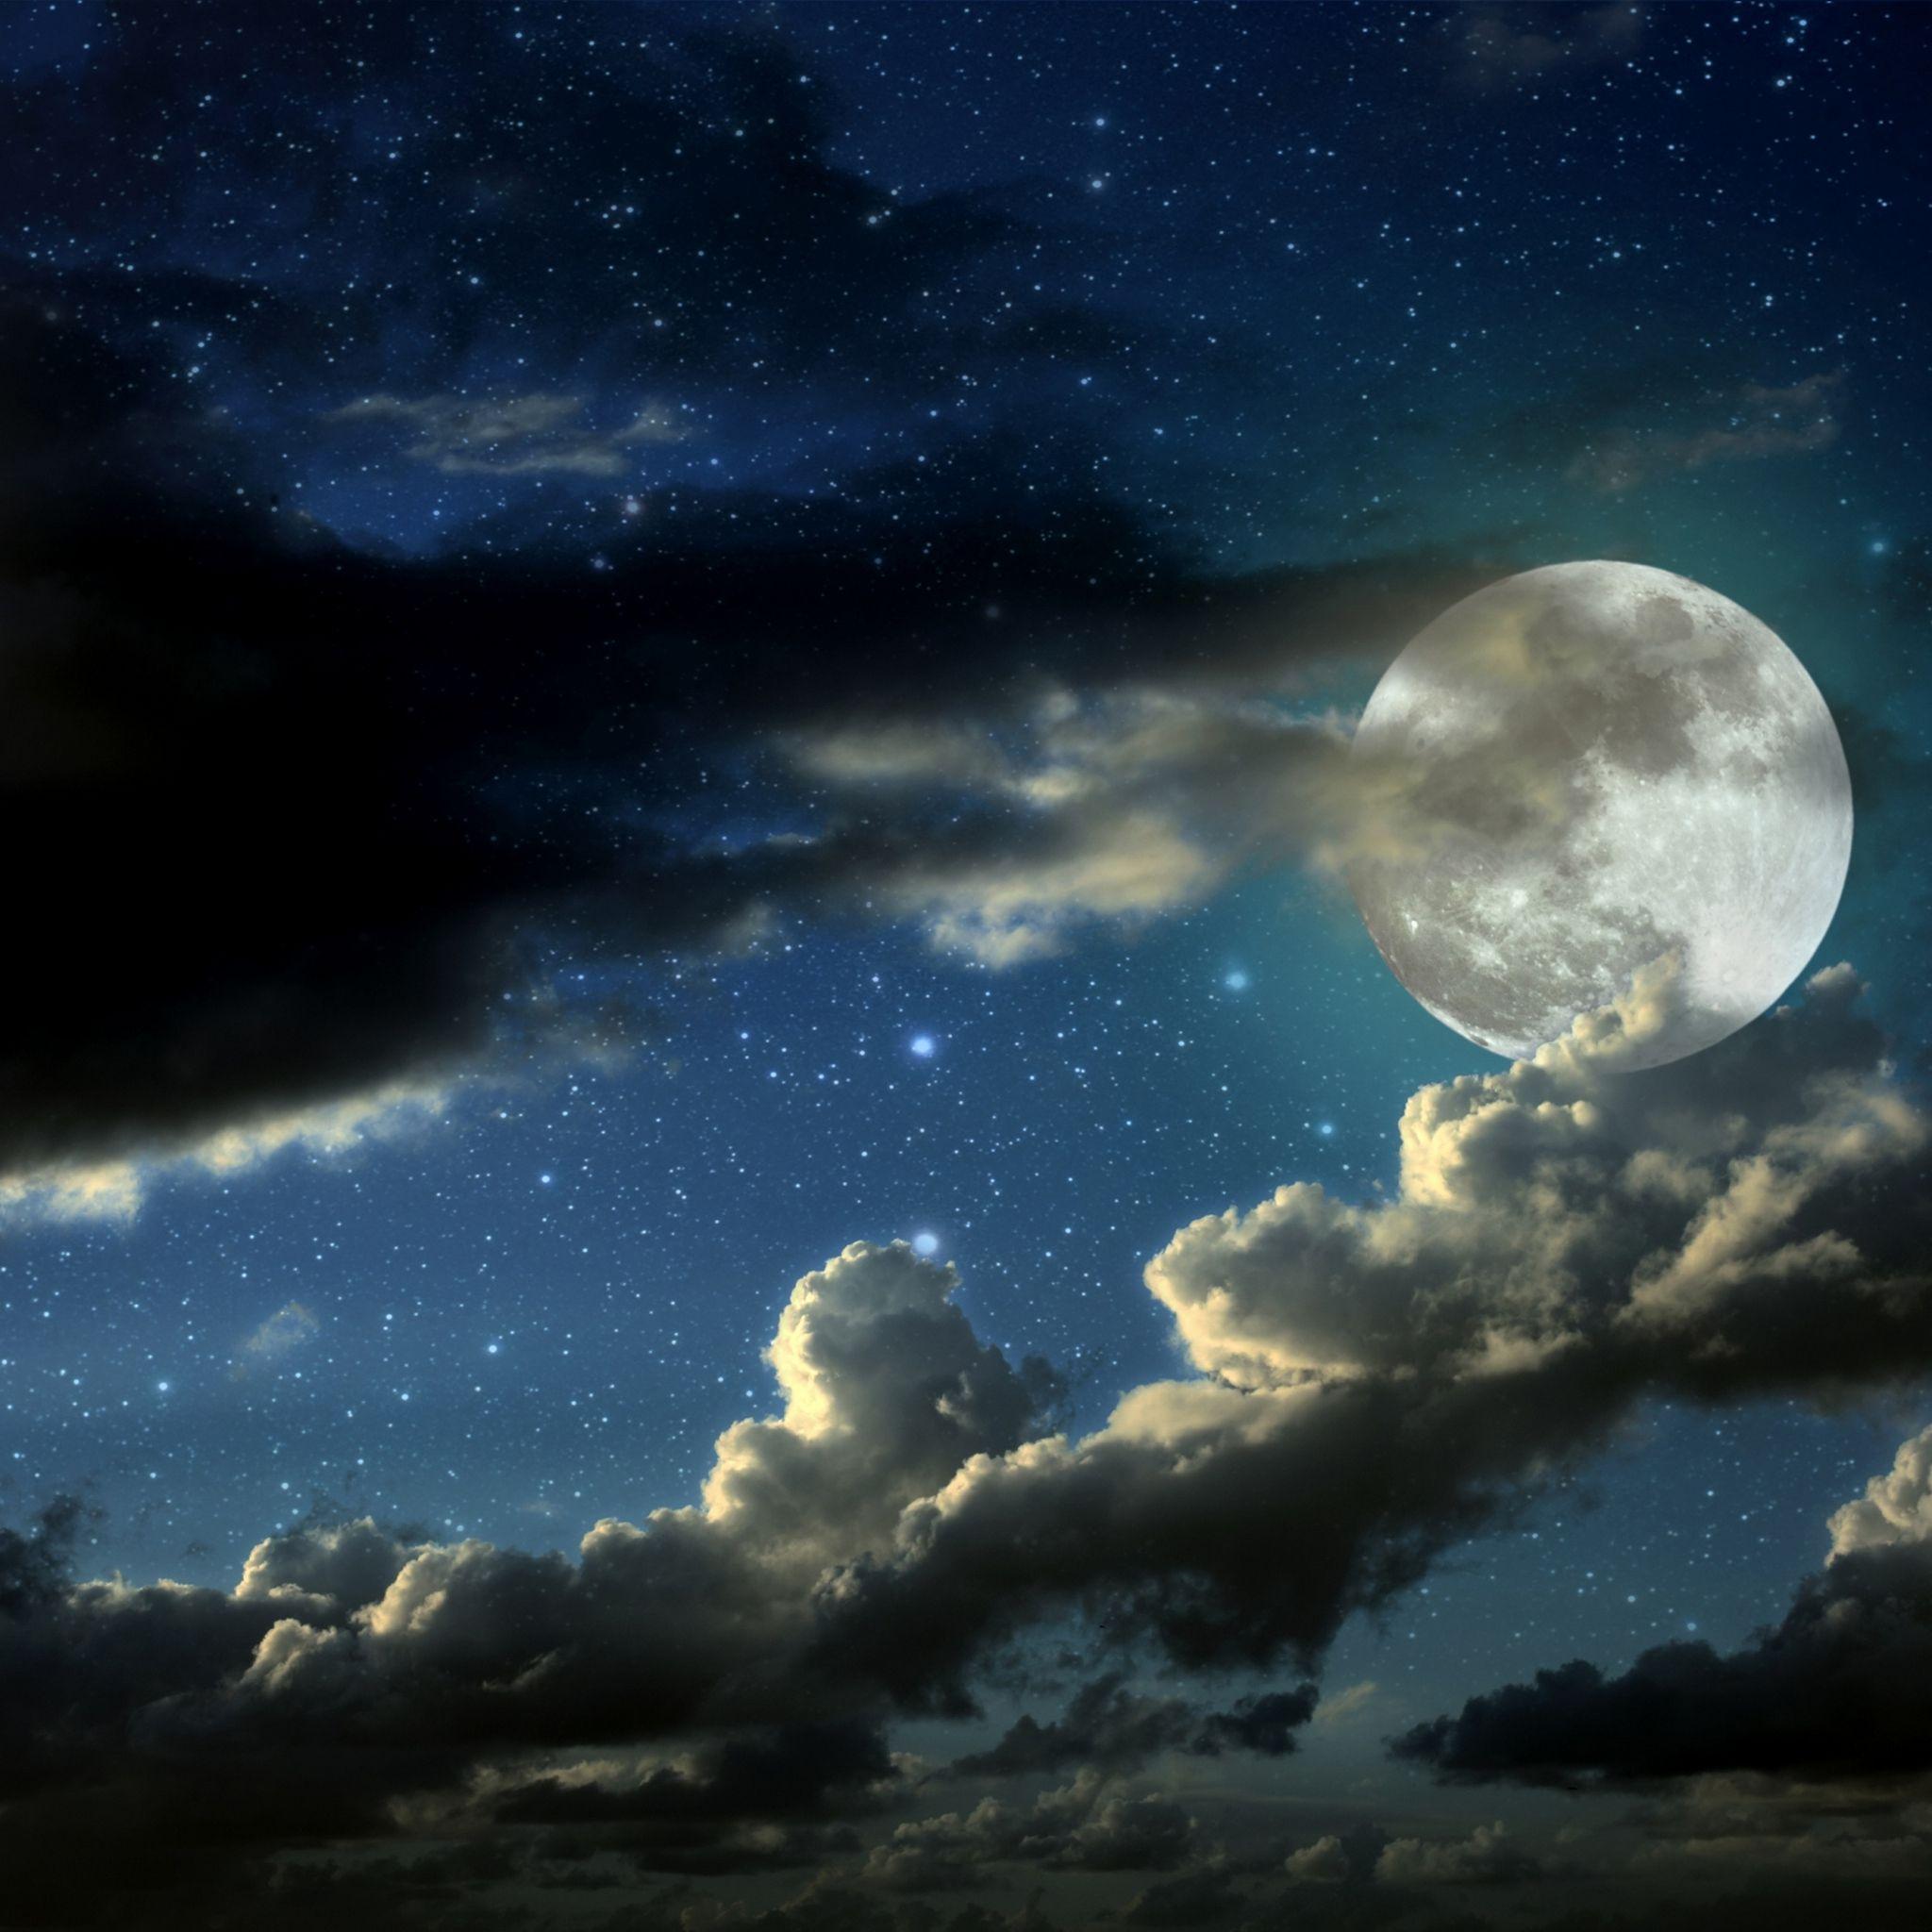 2048x2048 Wallpaper Lua Cheia Estrelas Nuvens Sombras